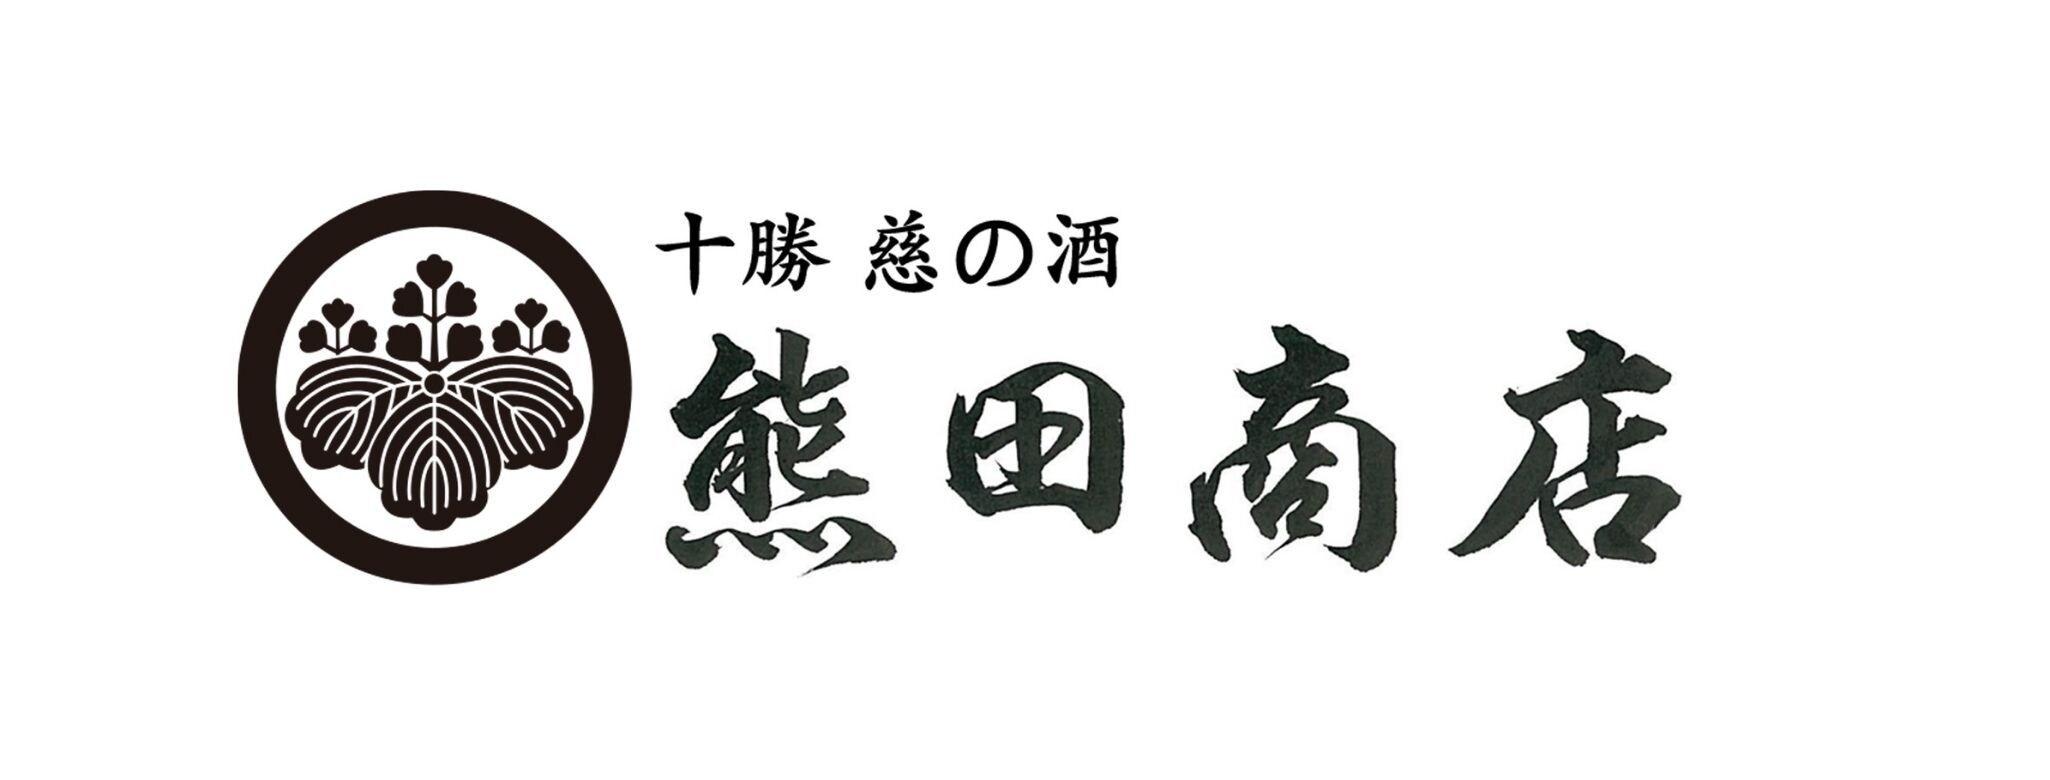 十勝・帯広・酒屋・地酒・日本酒・オーガニック食品/十勝慈の酒・熊田商店